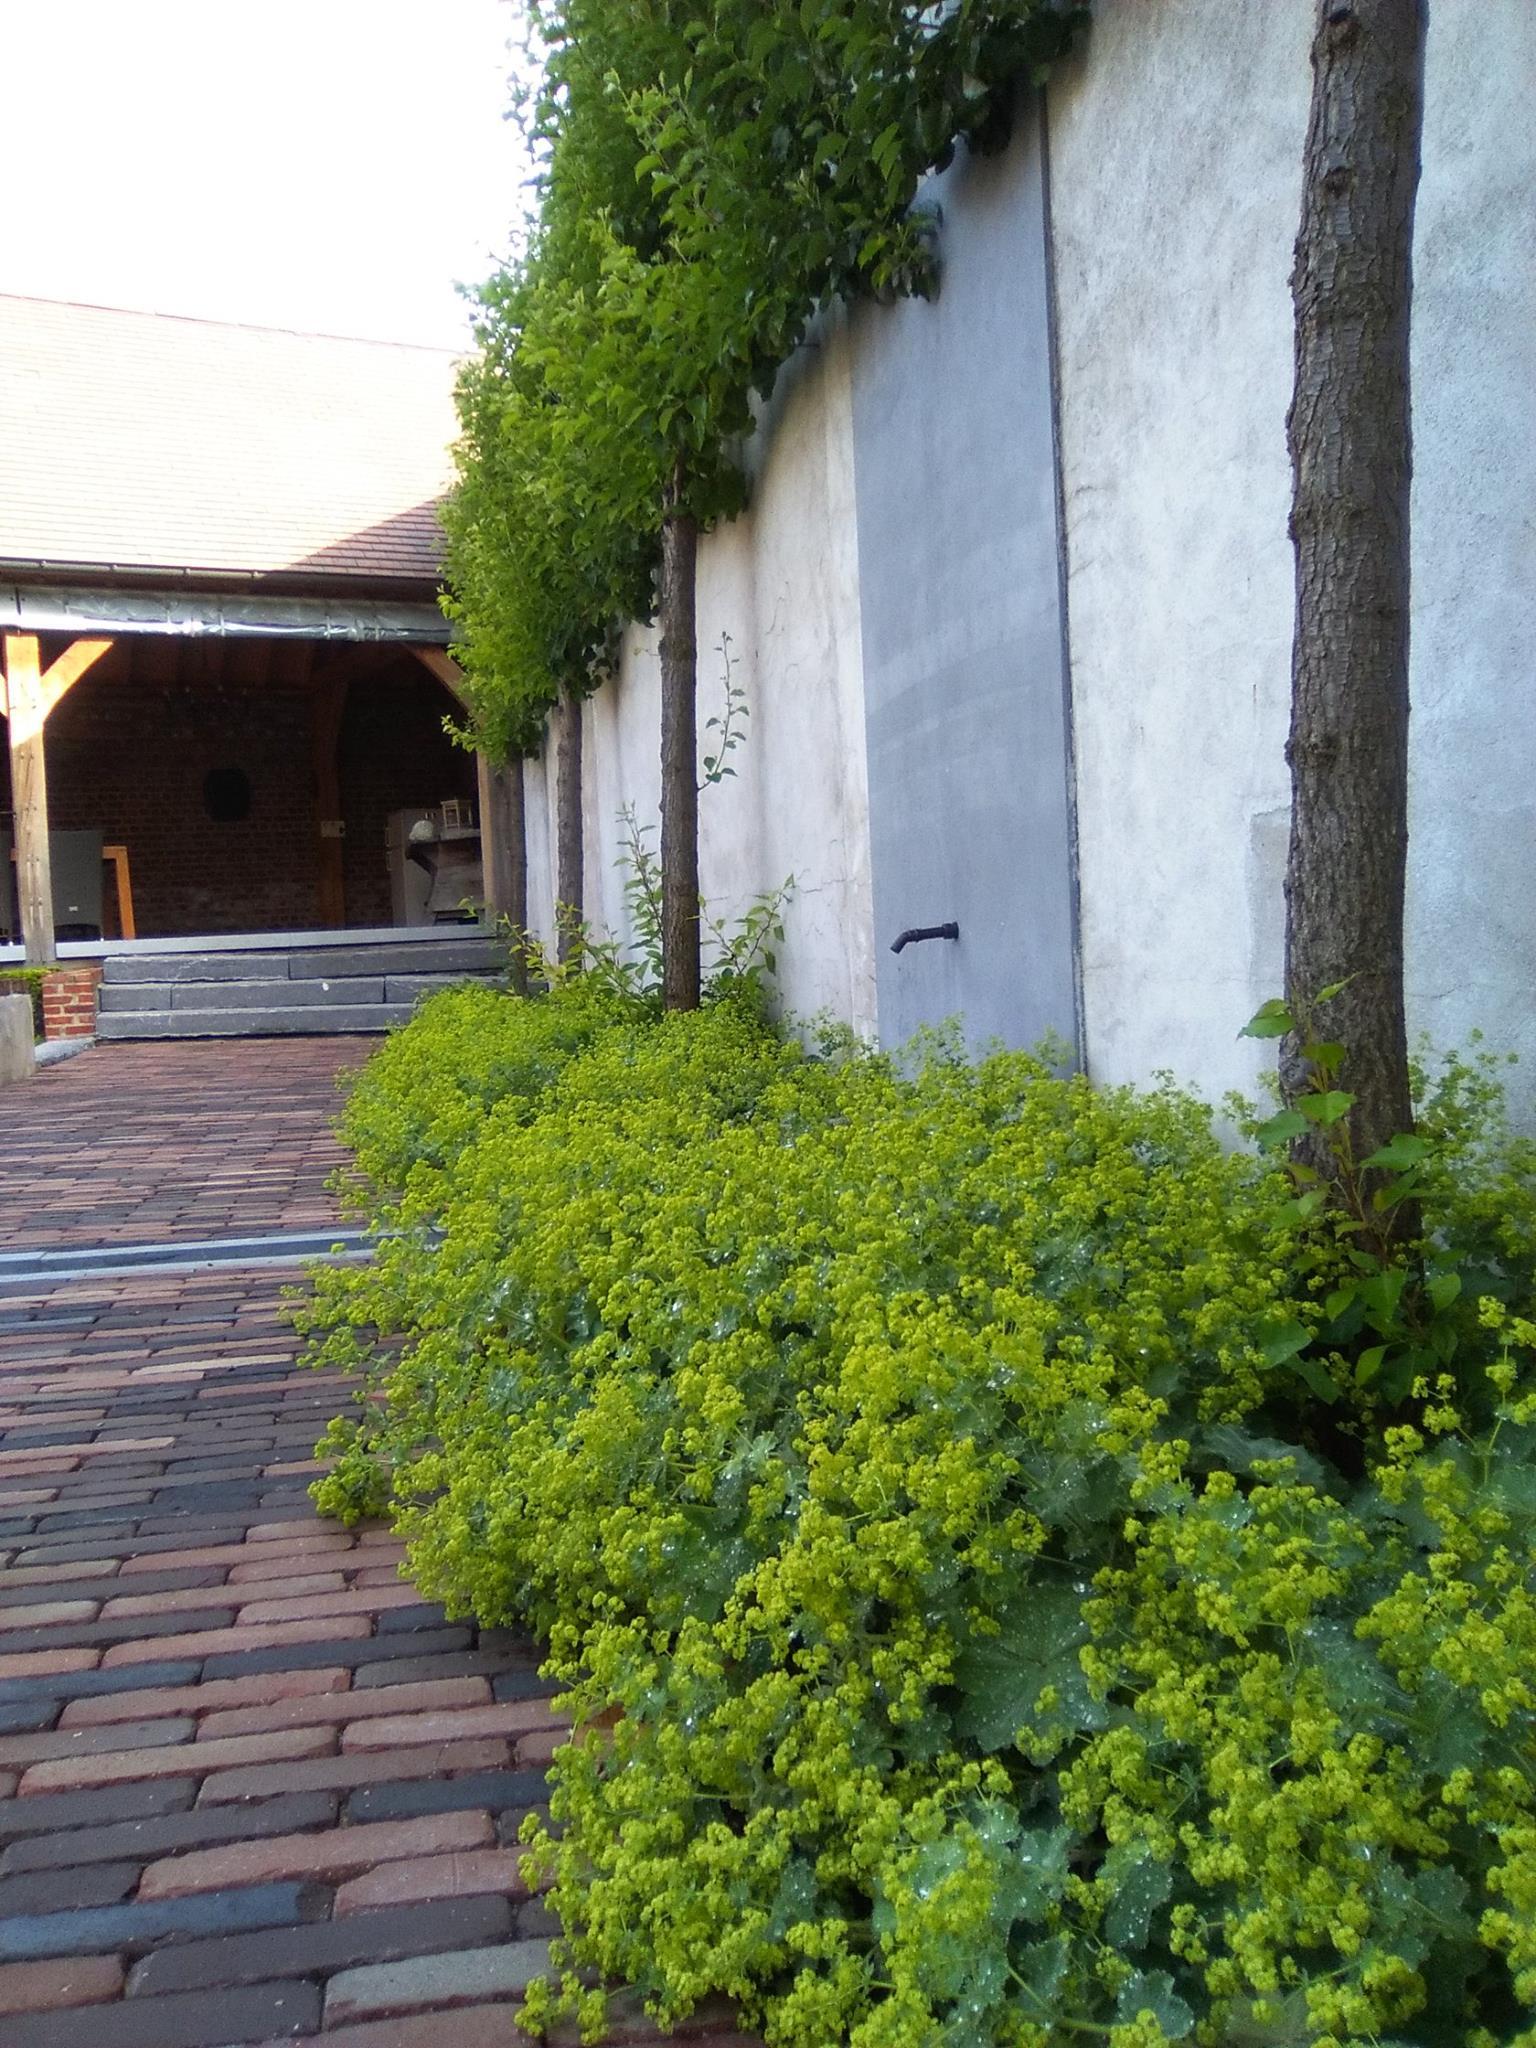 Hof der Heerlijckheid - outdoor pad naar buitenkamer